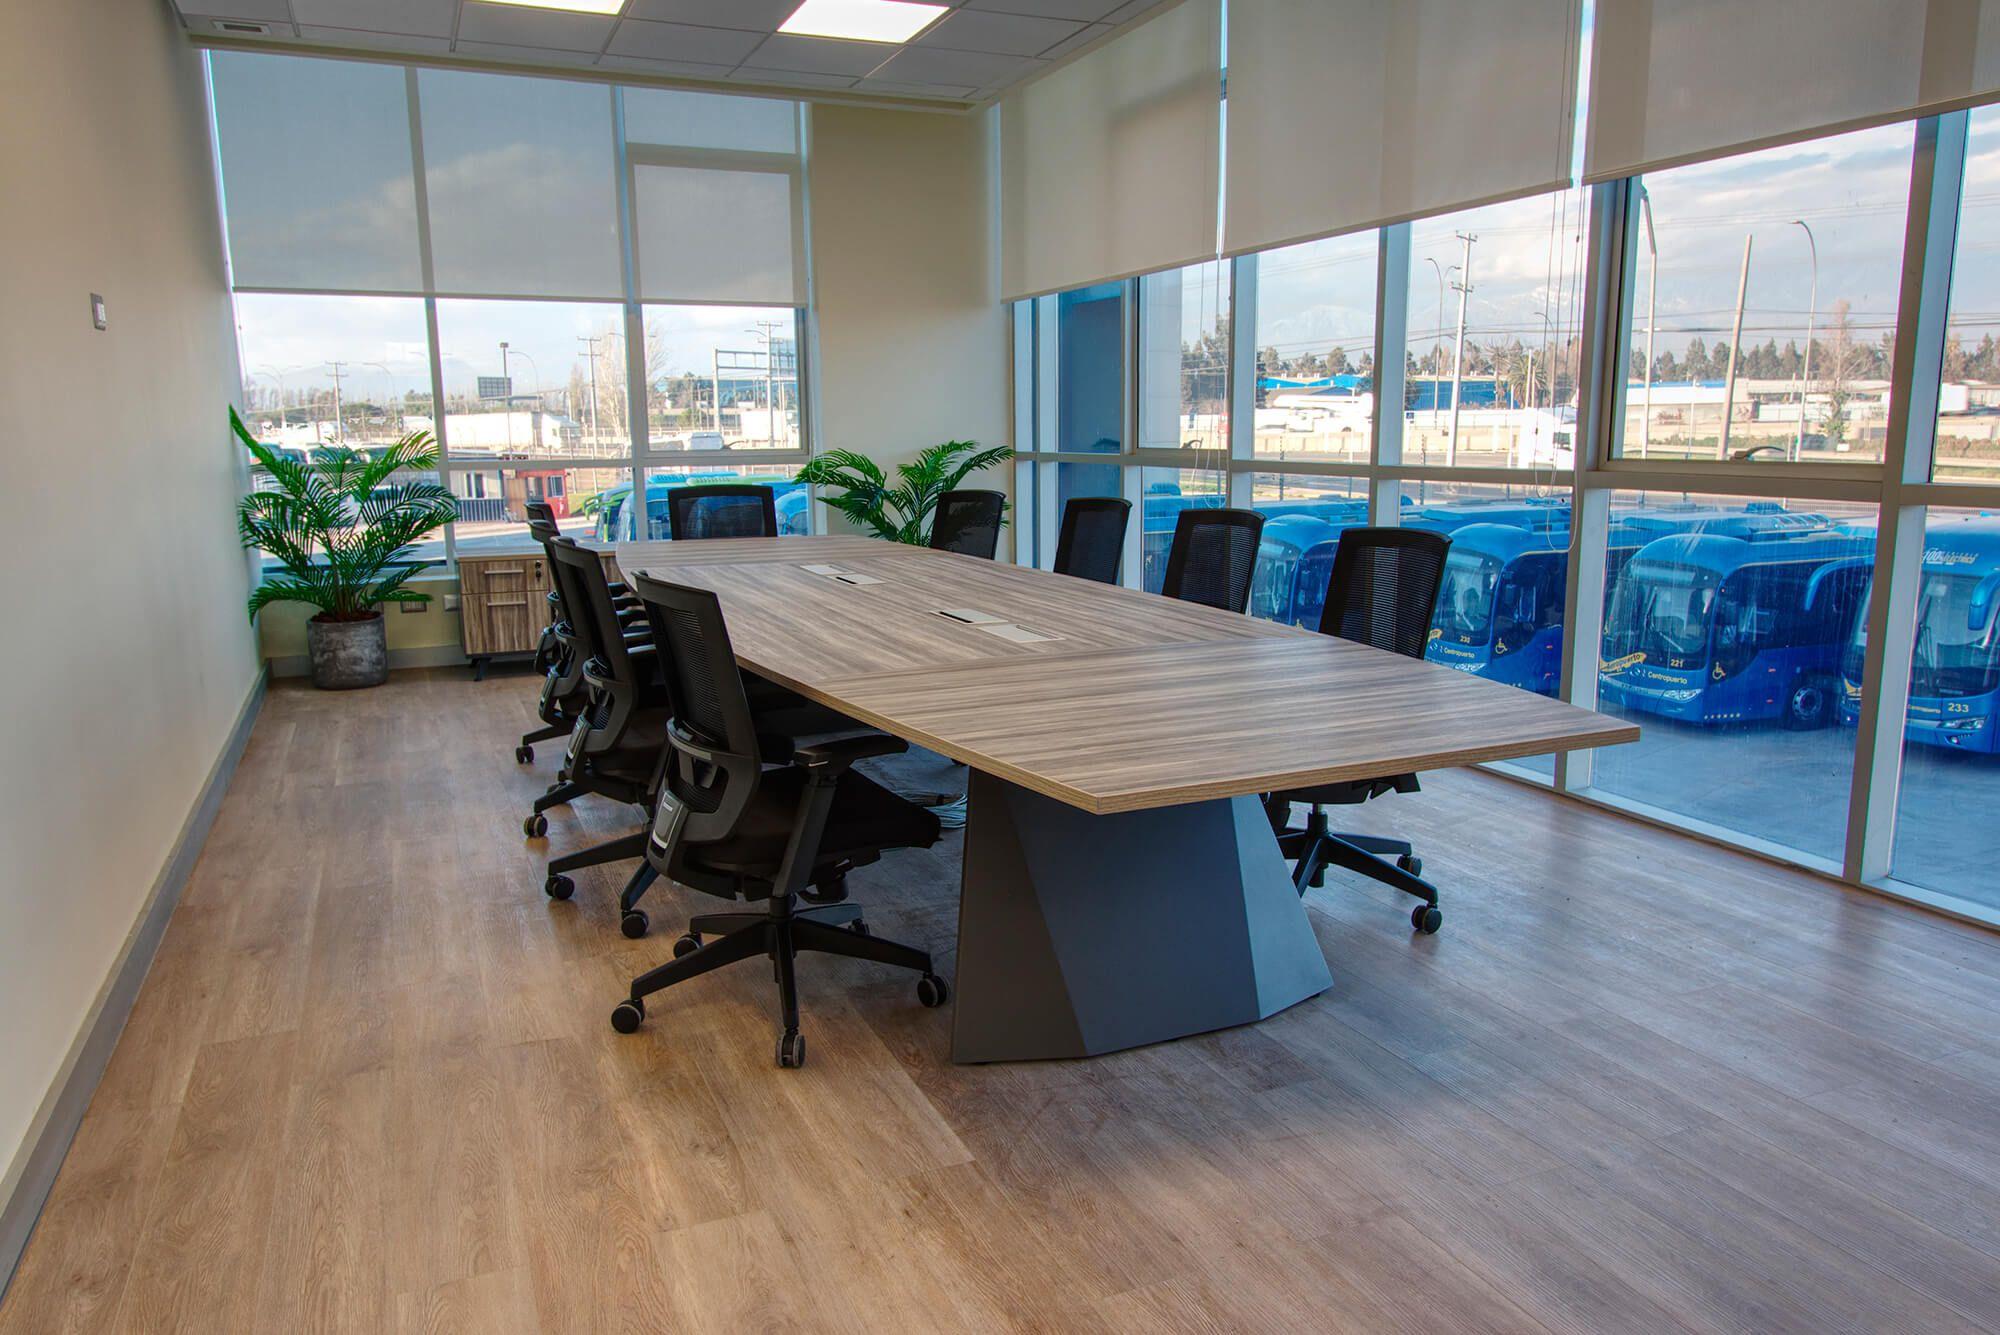 mesa de reunion legacy silla axis negra